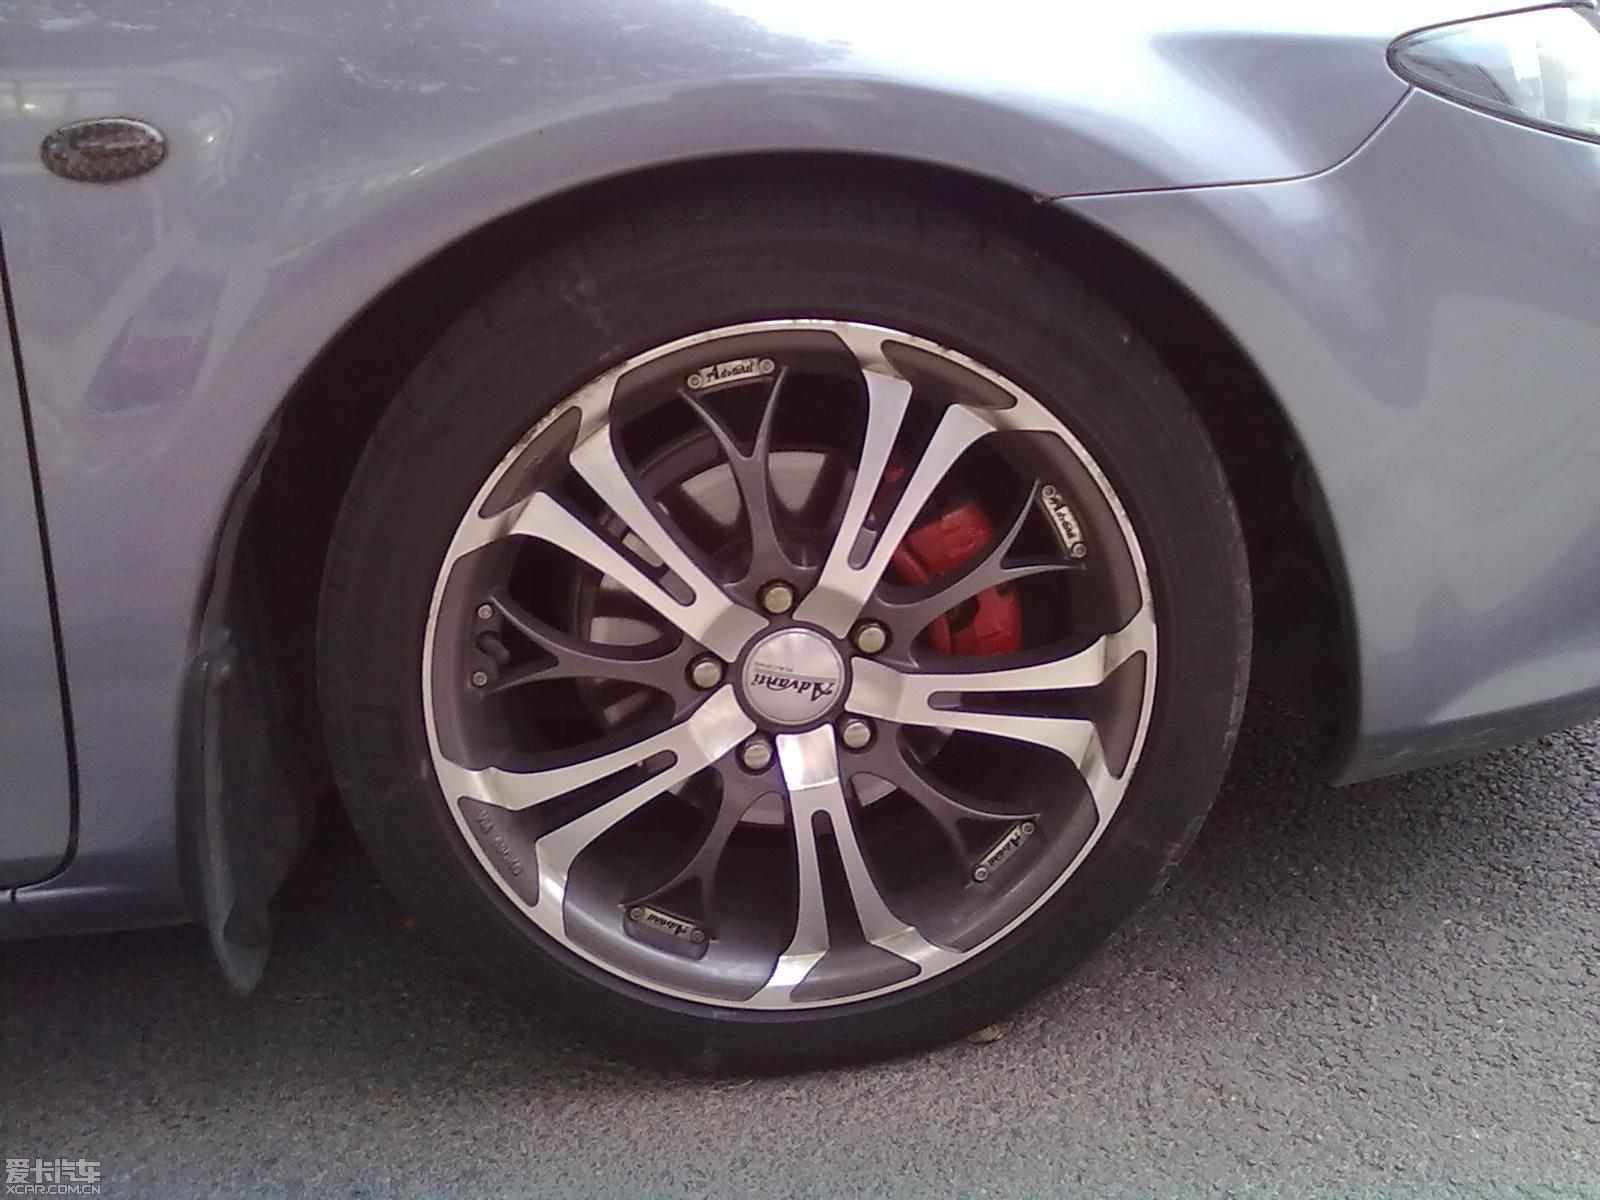 轮圈一套 附送尾翼 马自达6论坛 XCAR 爱卡汽车俱乐部高清图片